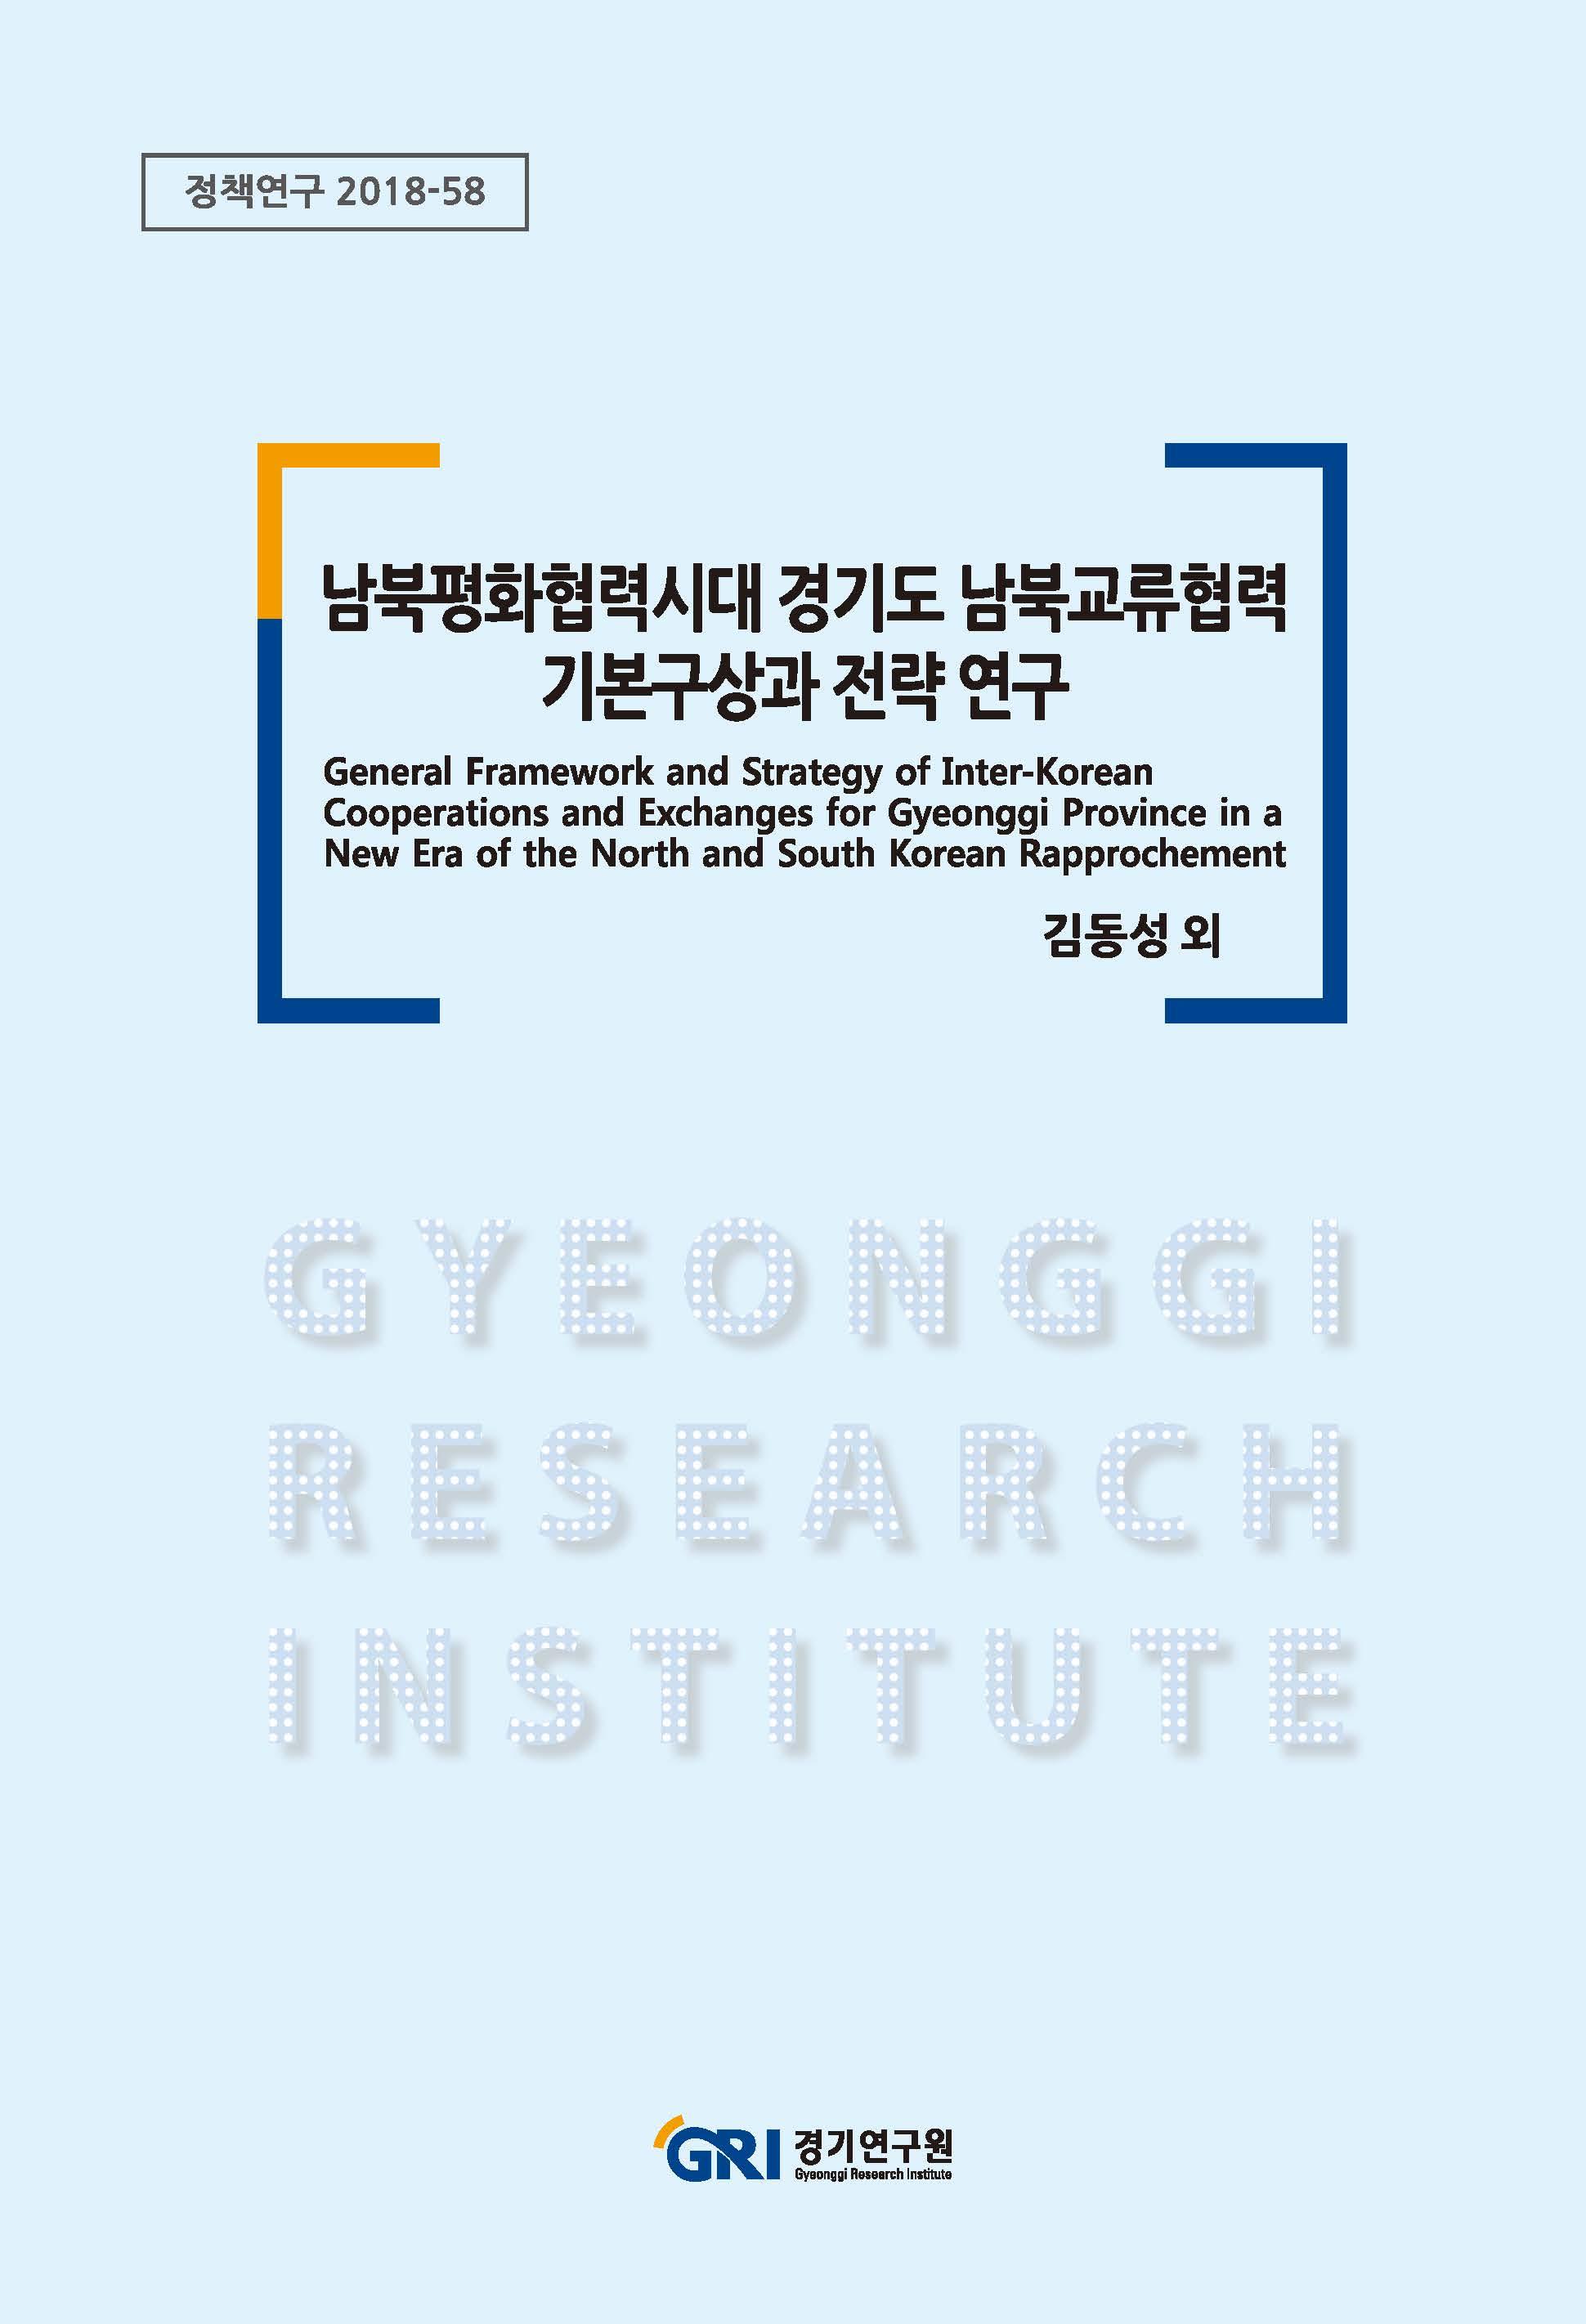 남북평화협력시대 경기도 남북교류협력 기본구상과 전략 연구